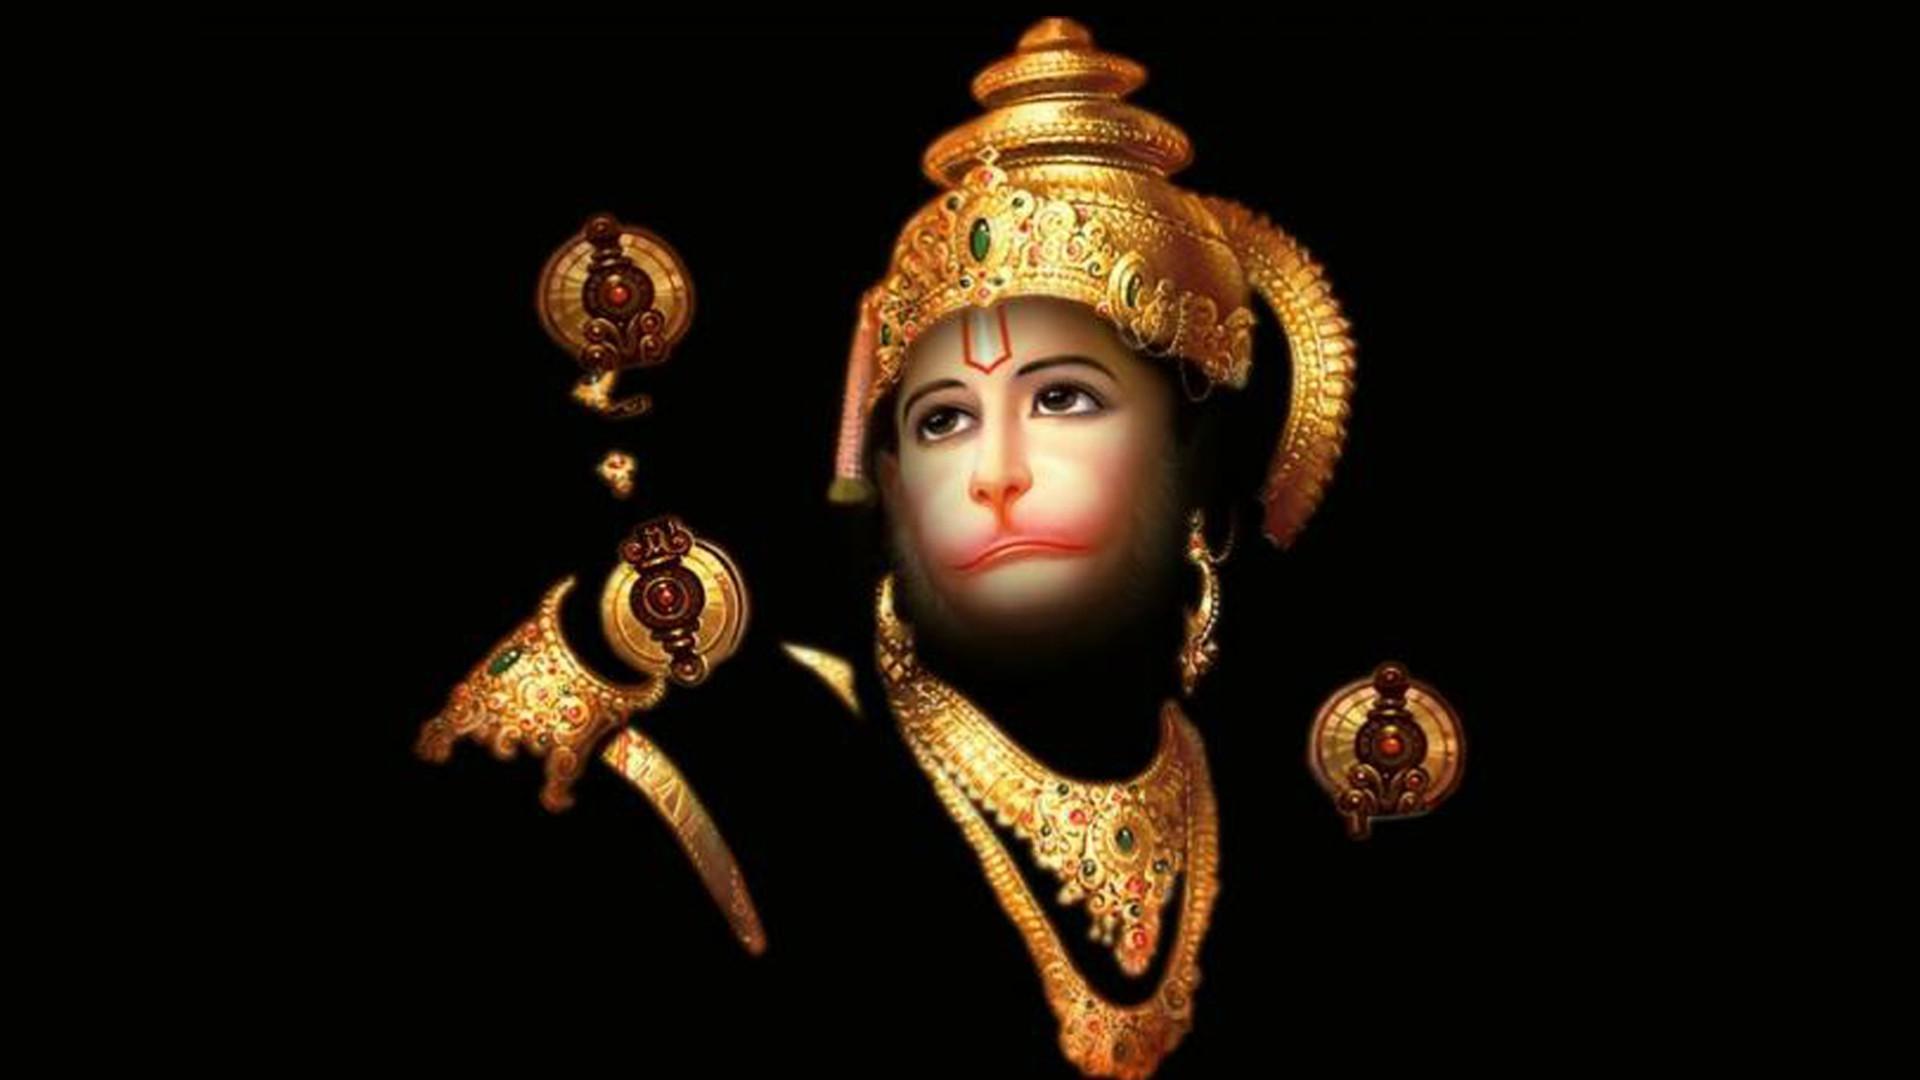 Cute Lord Krishna Hd Wallpaper God Wallpaper 183 ①